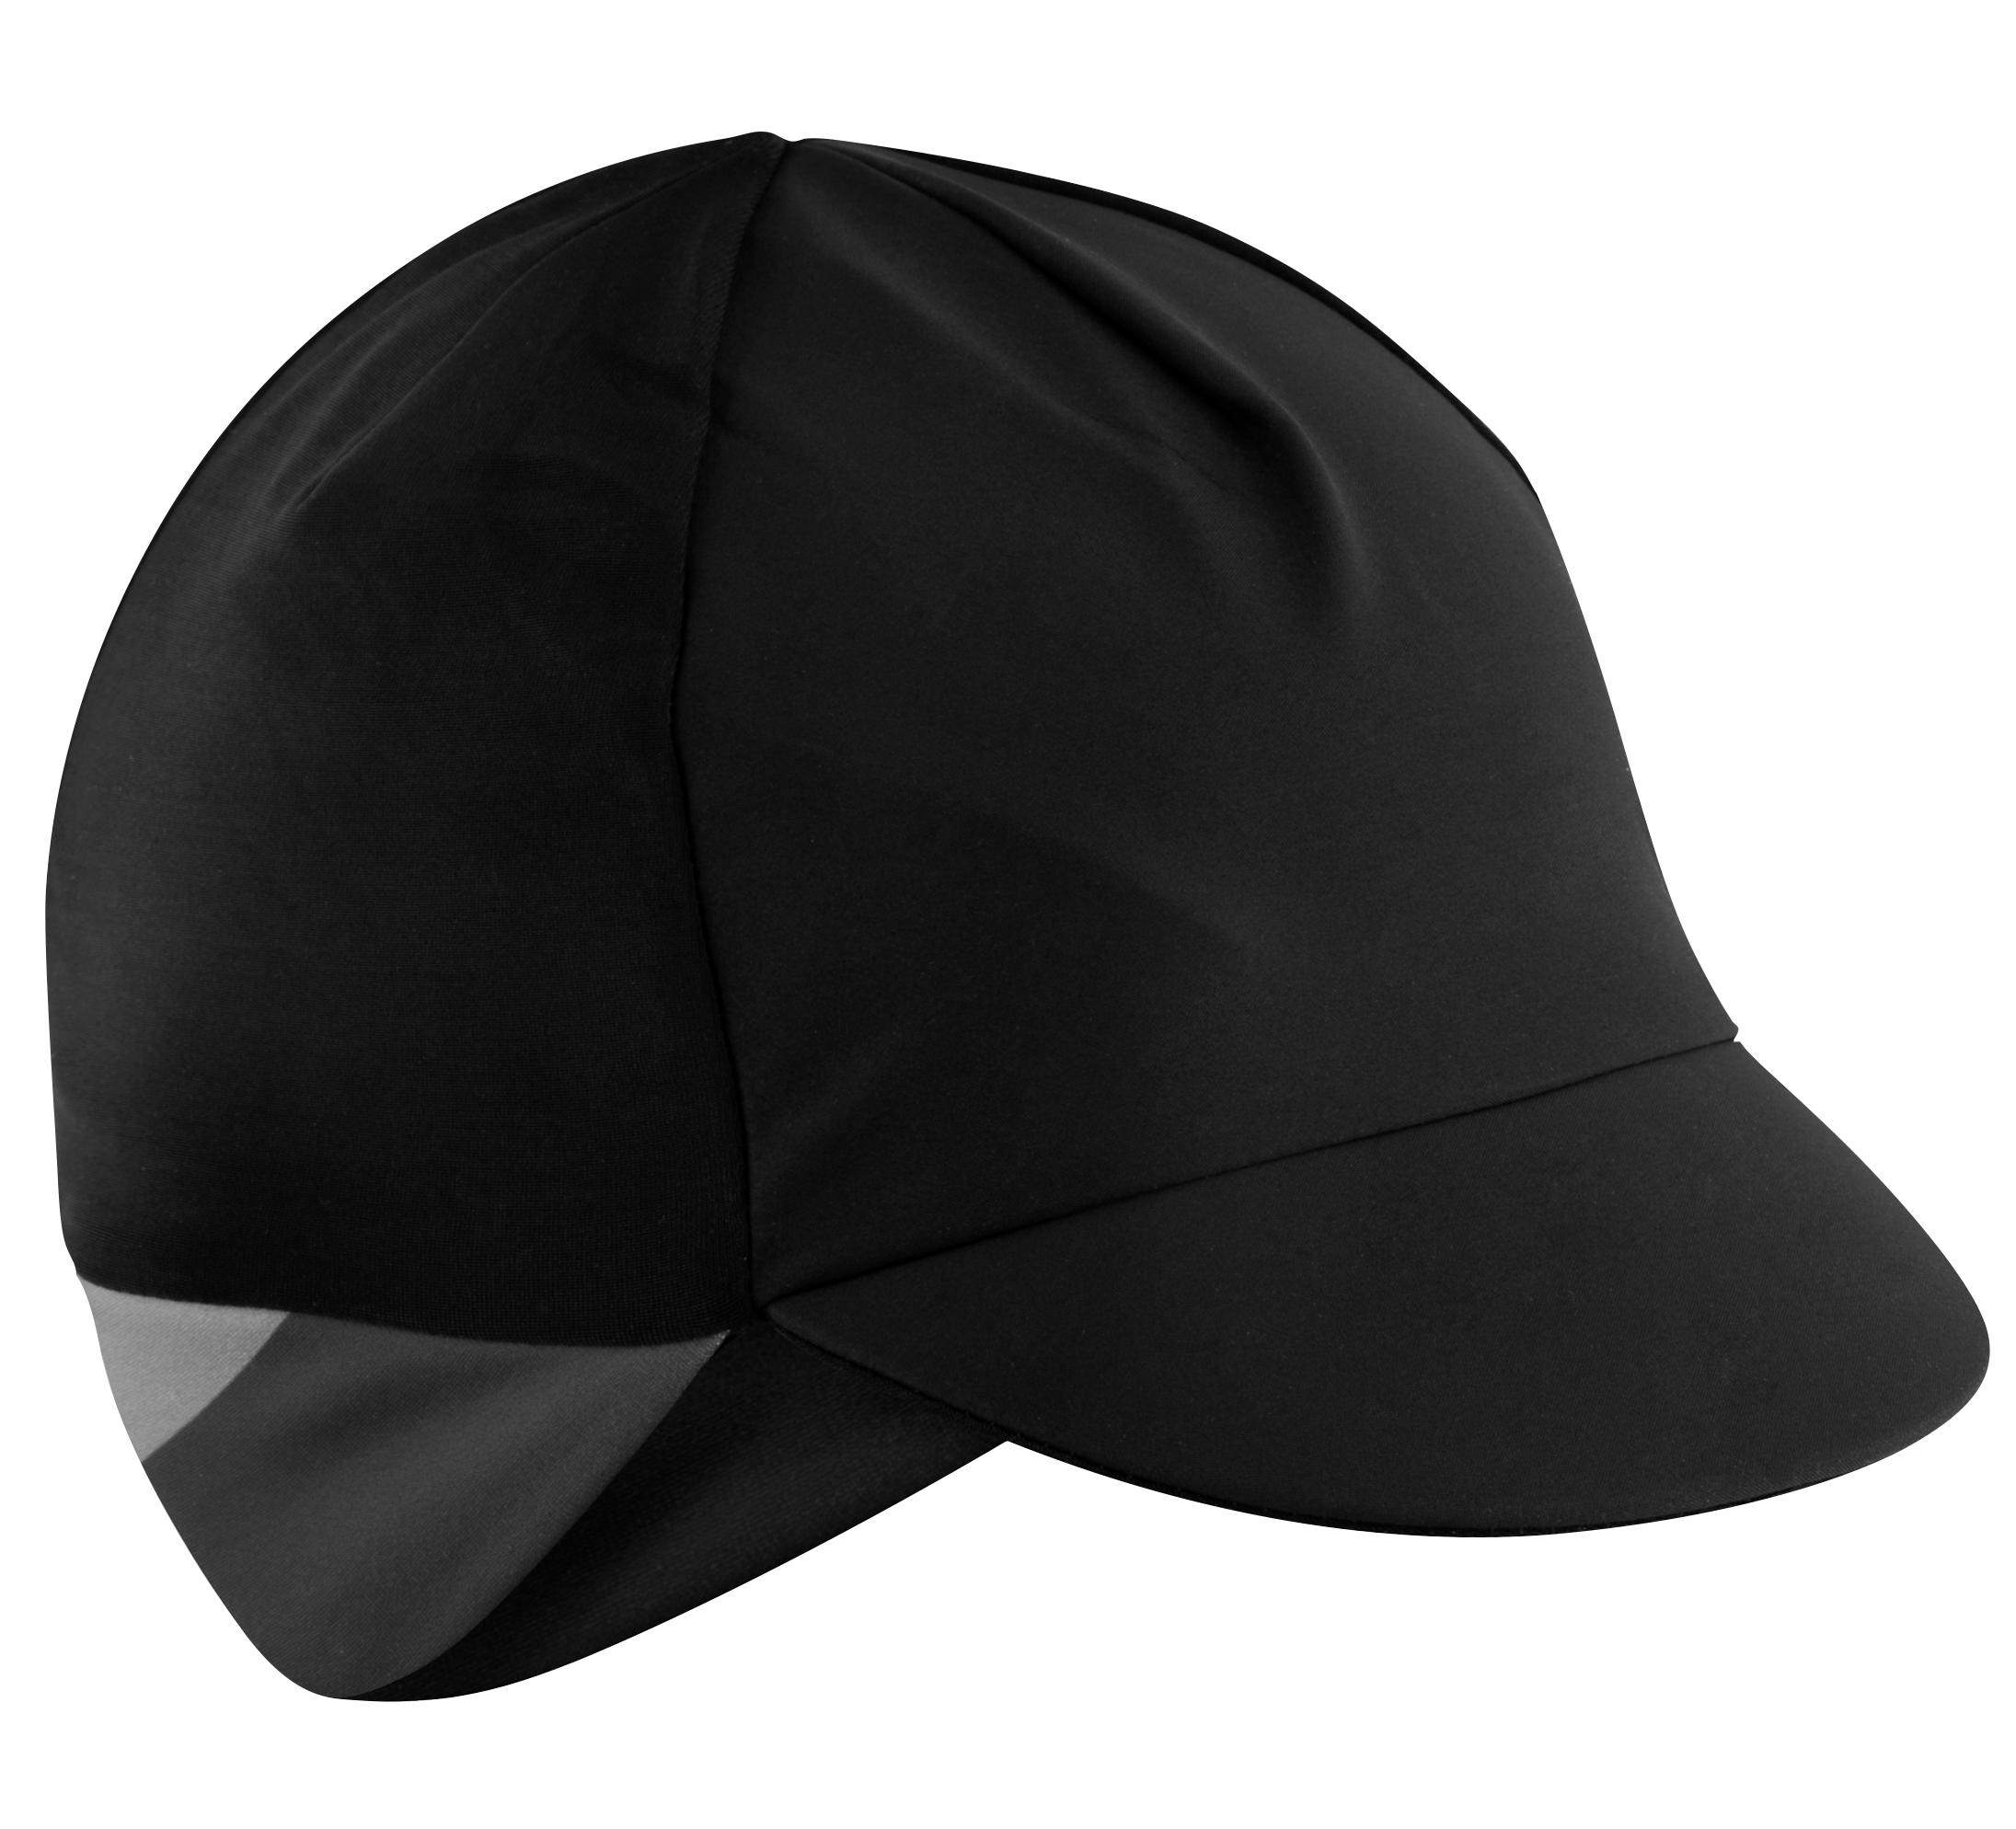 čepička s kšiltem FORCE BRISK zimní,črn-šedá S-M